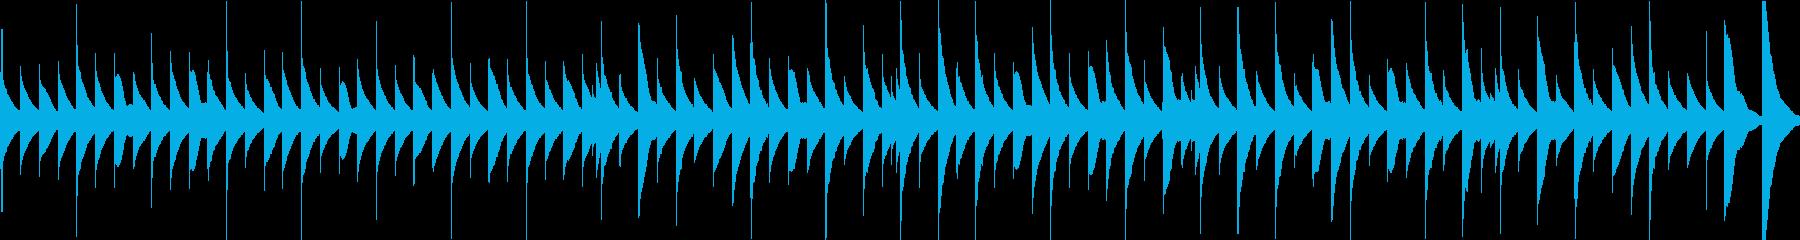 ほのぼのとして温かいオルゴール曲の再生済みの波形